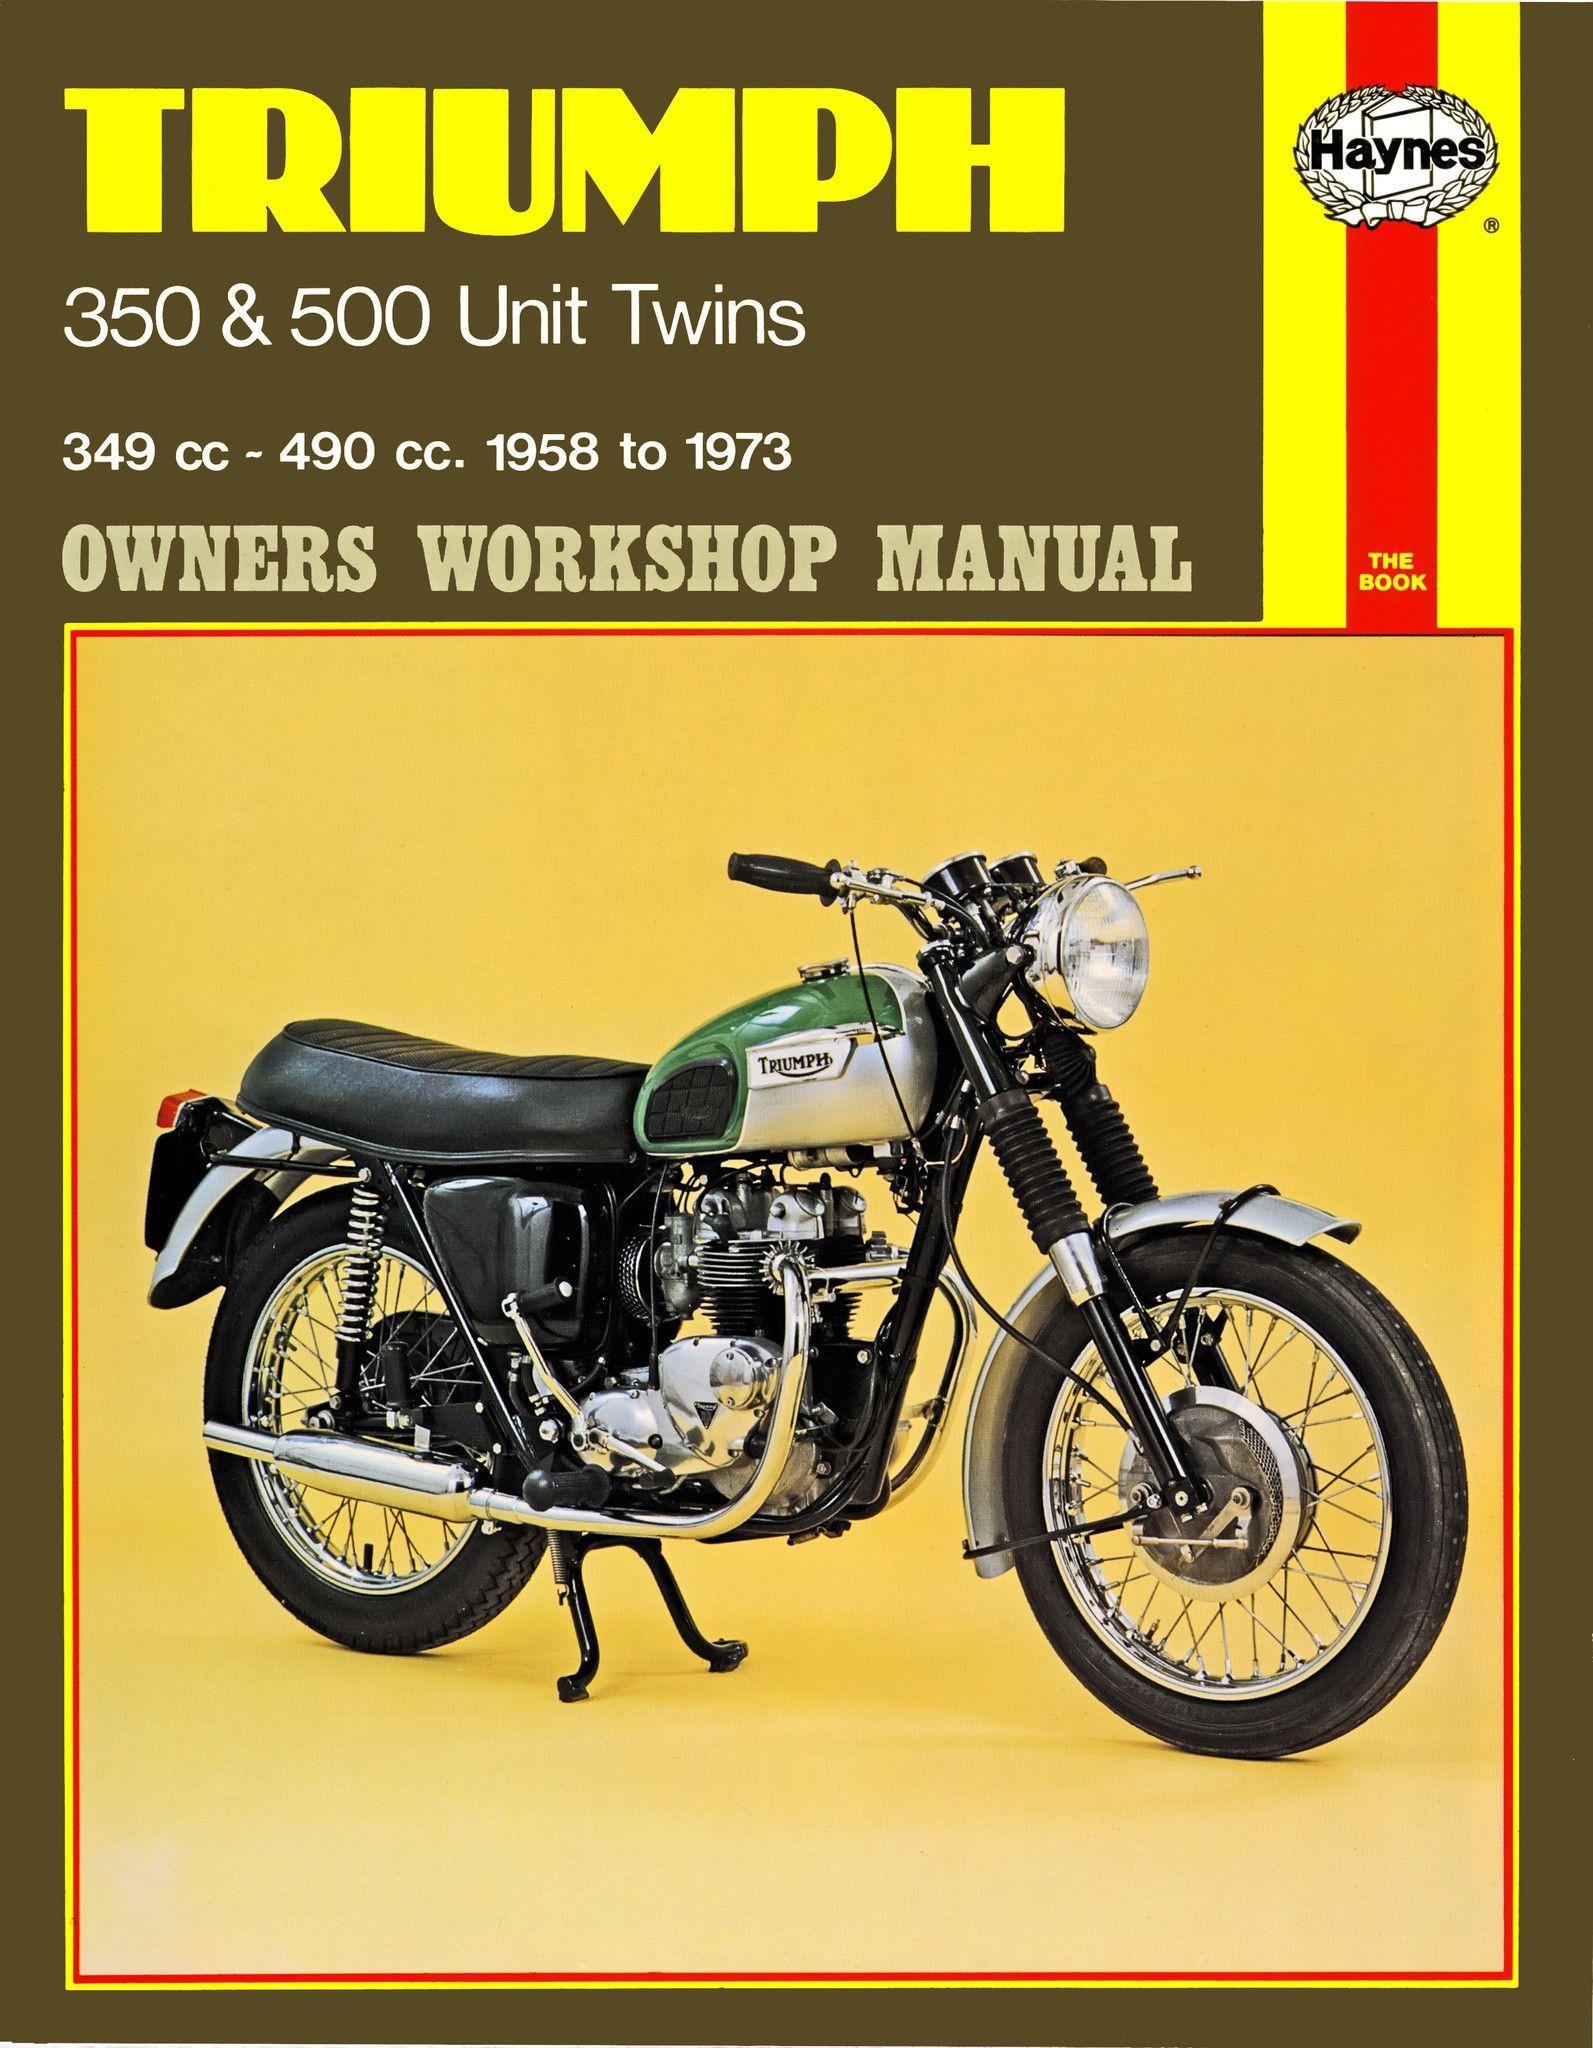 haynes m137 service repair manual for 1957 73 triumph 350 and 500 rh pinterest com 1969 Triumph Bonneville 1965 Triumph Bonneville